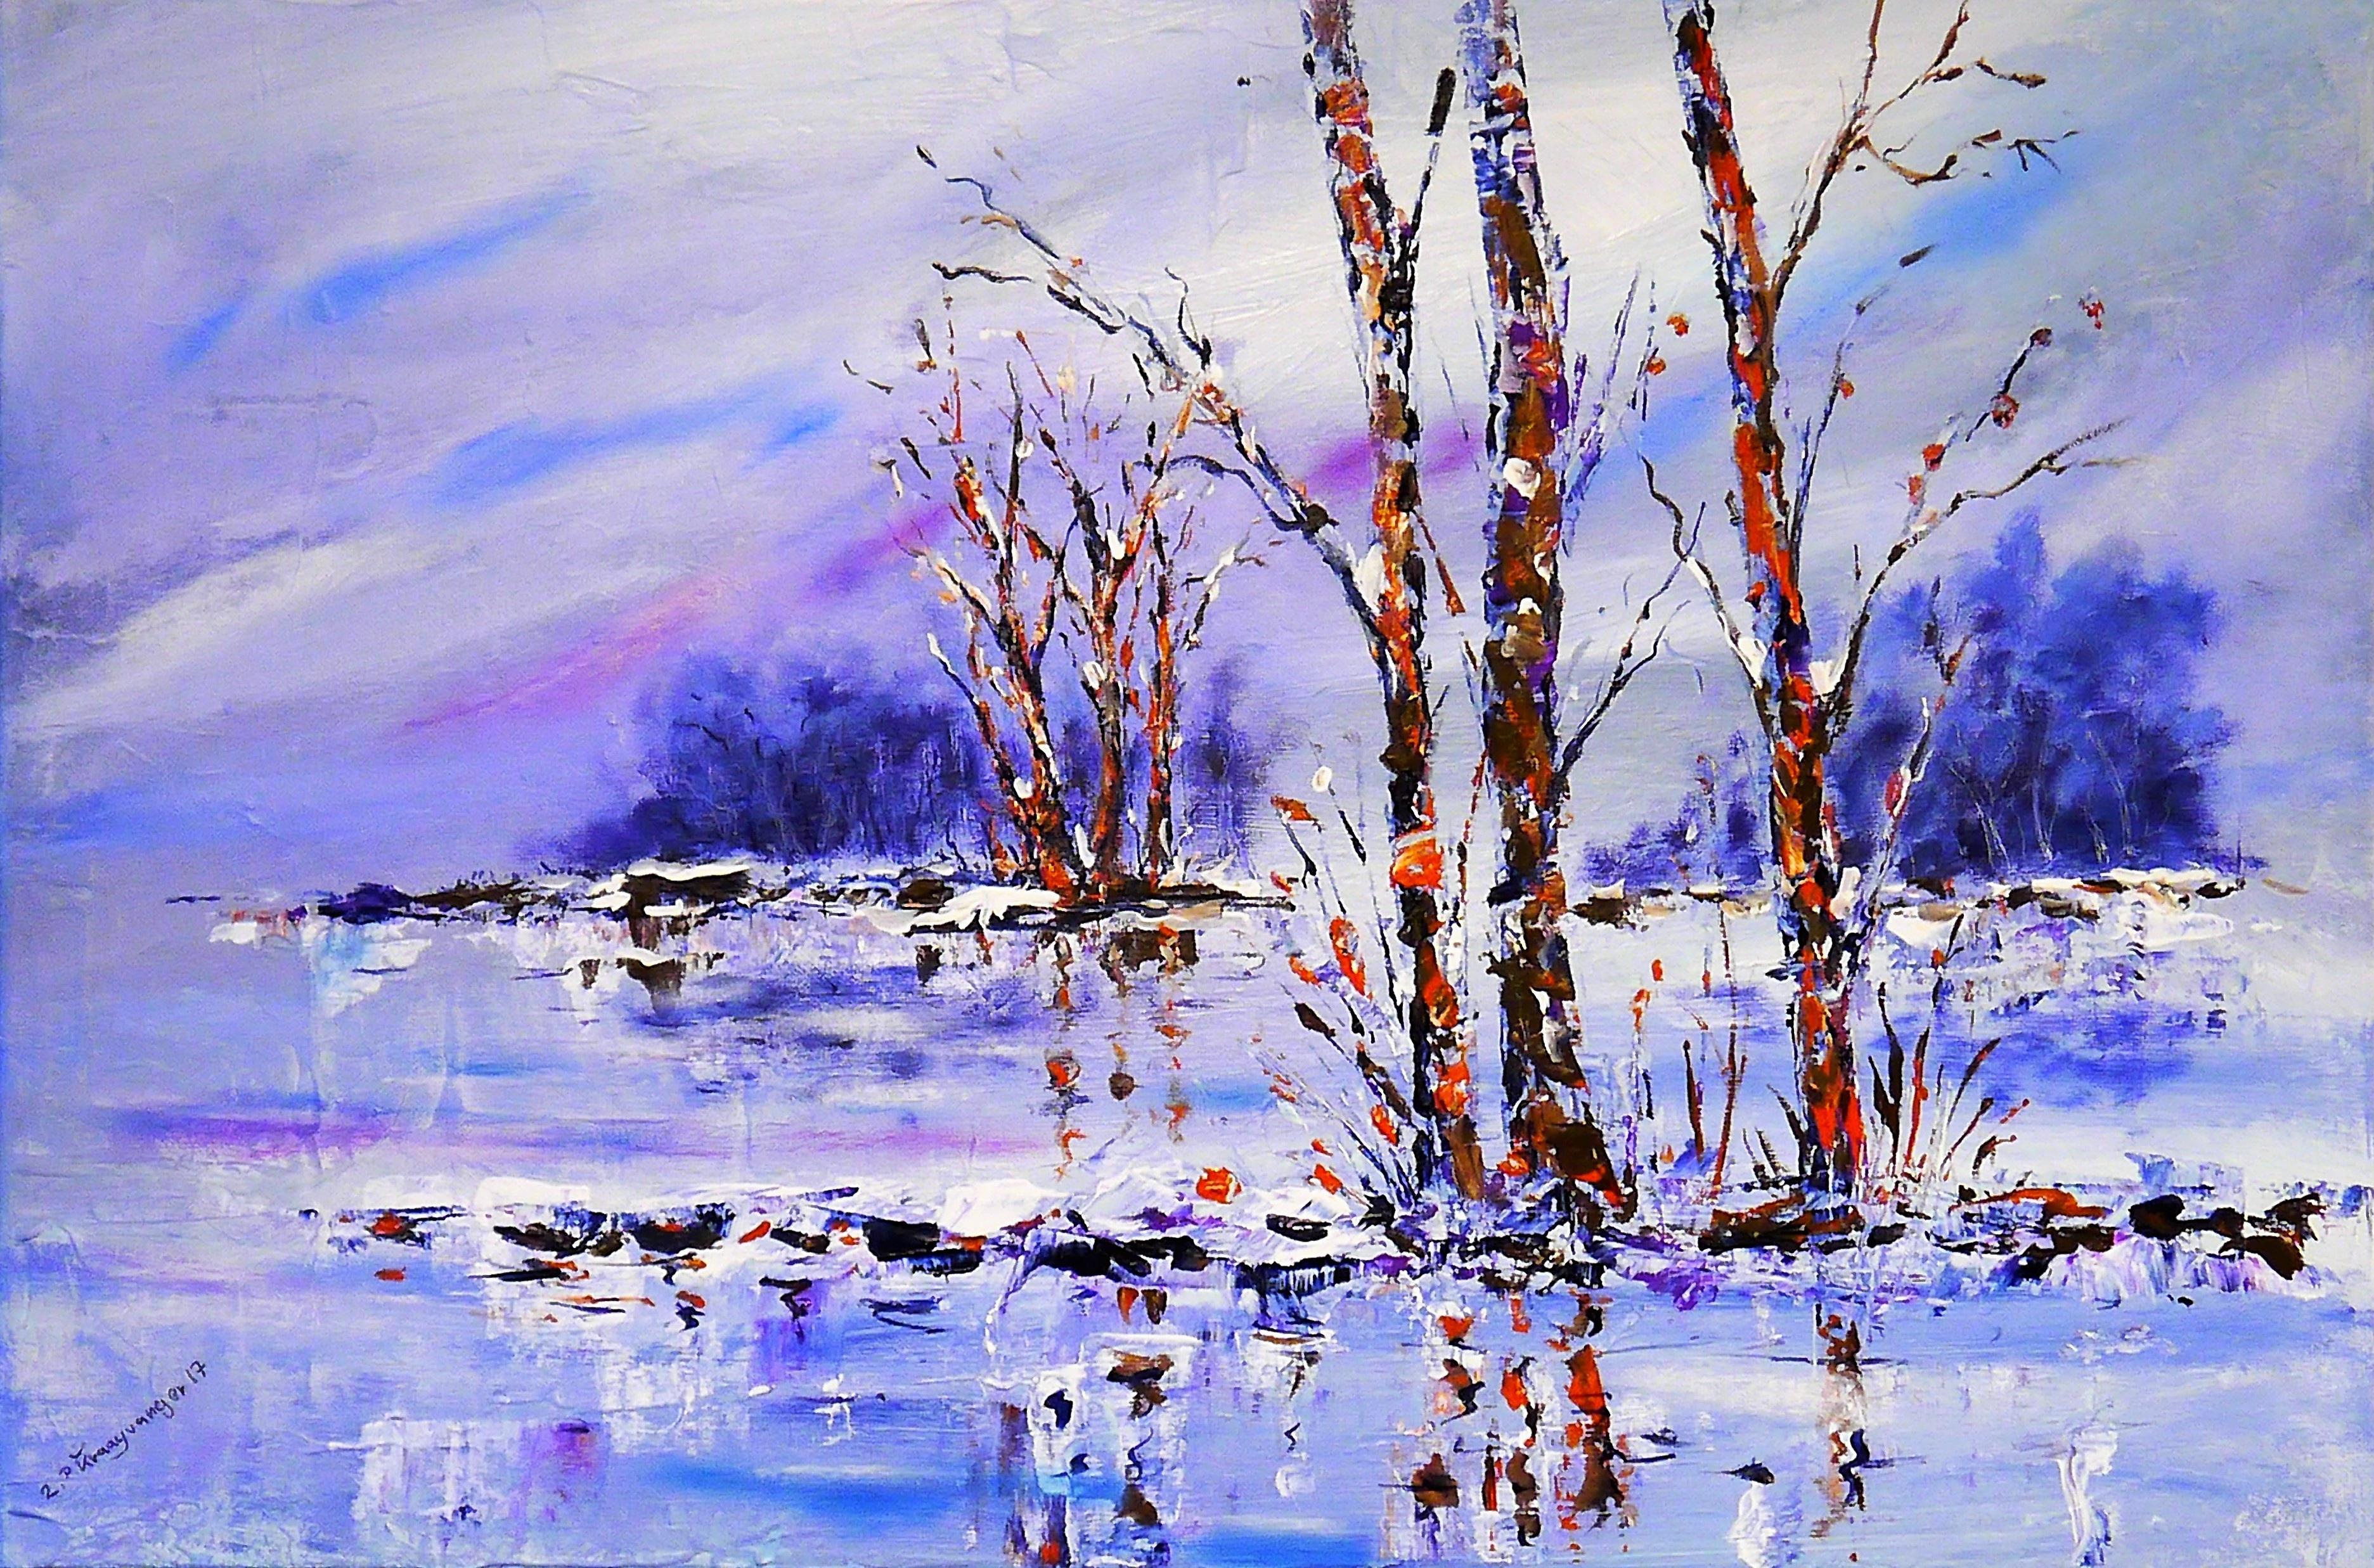 Fotoğraf Peyzaj Ağaç Kar Kış çiçek Buz Yansıma Huş Ağacı